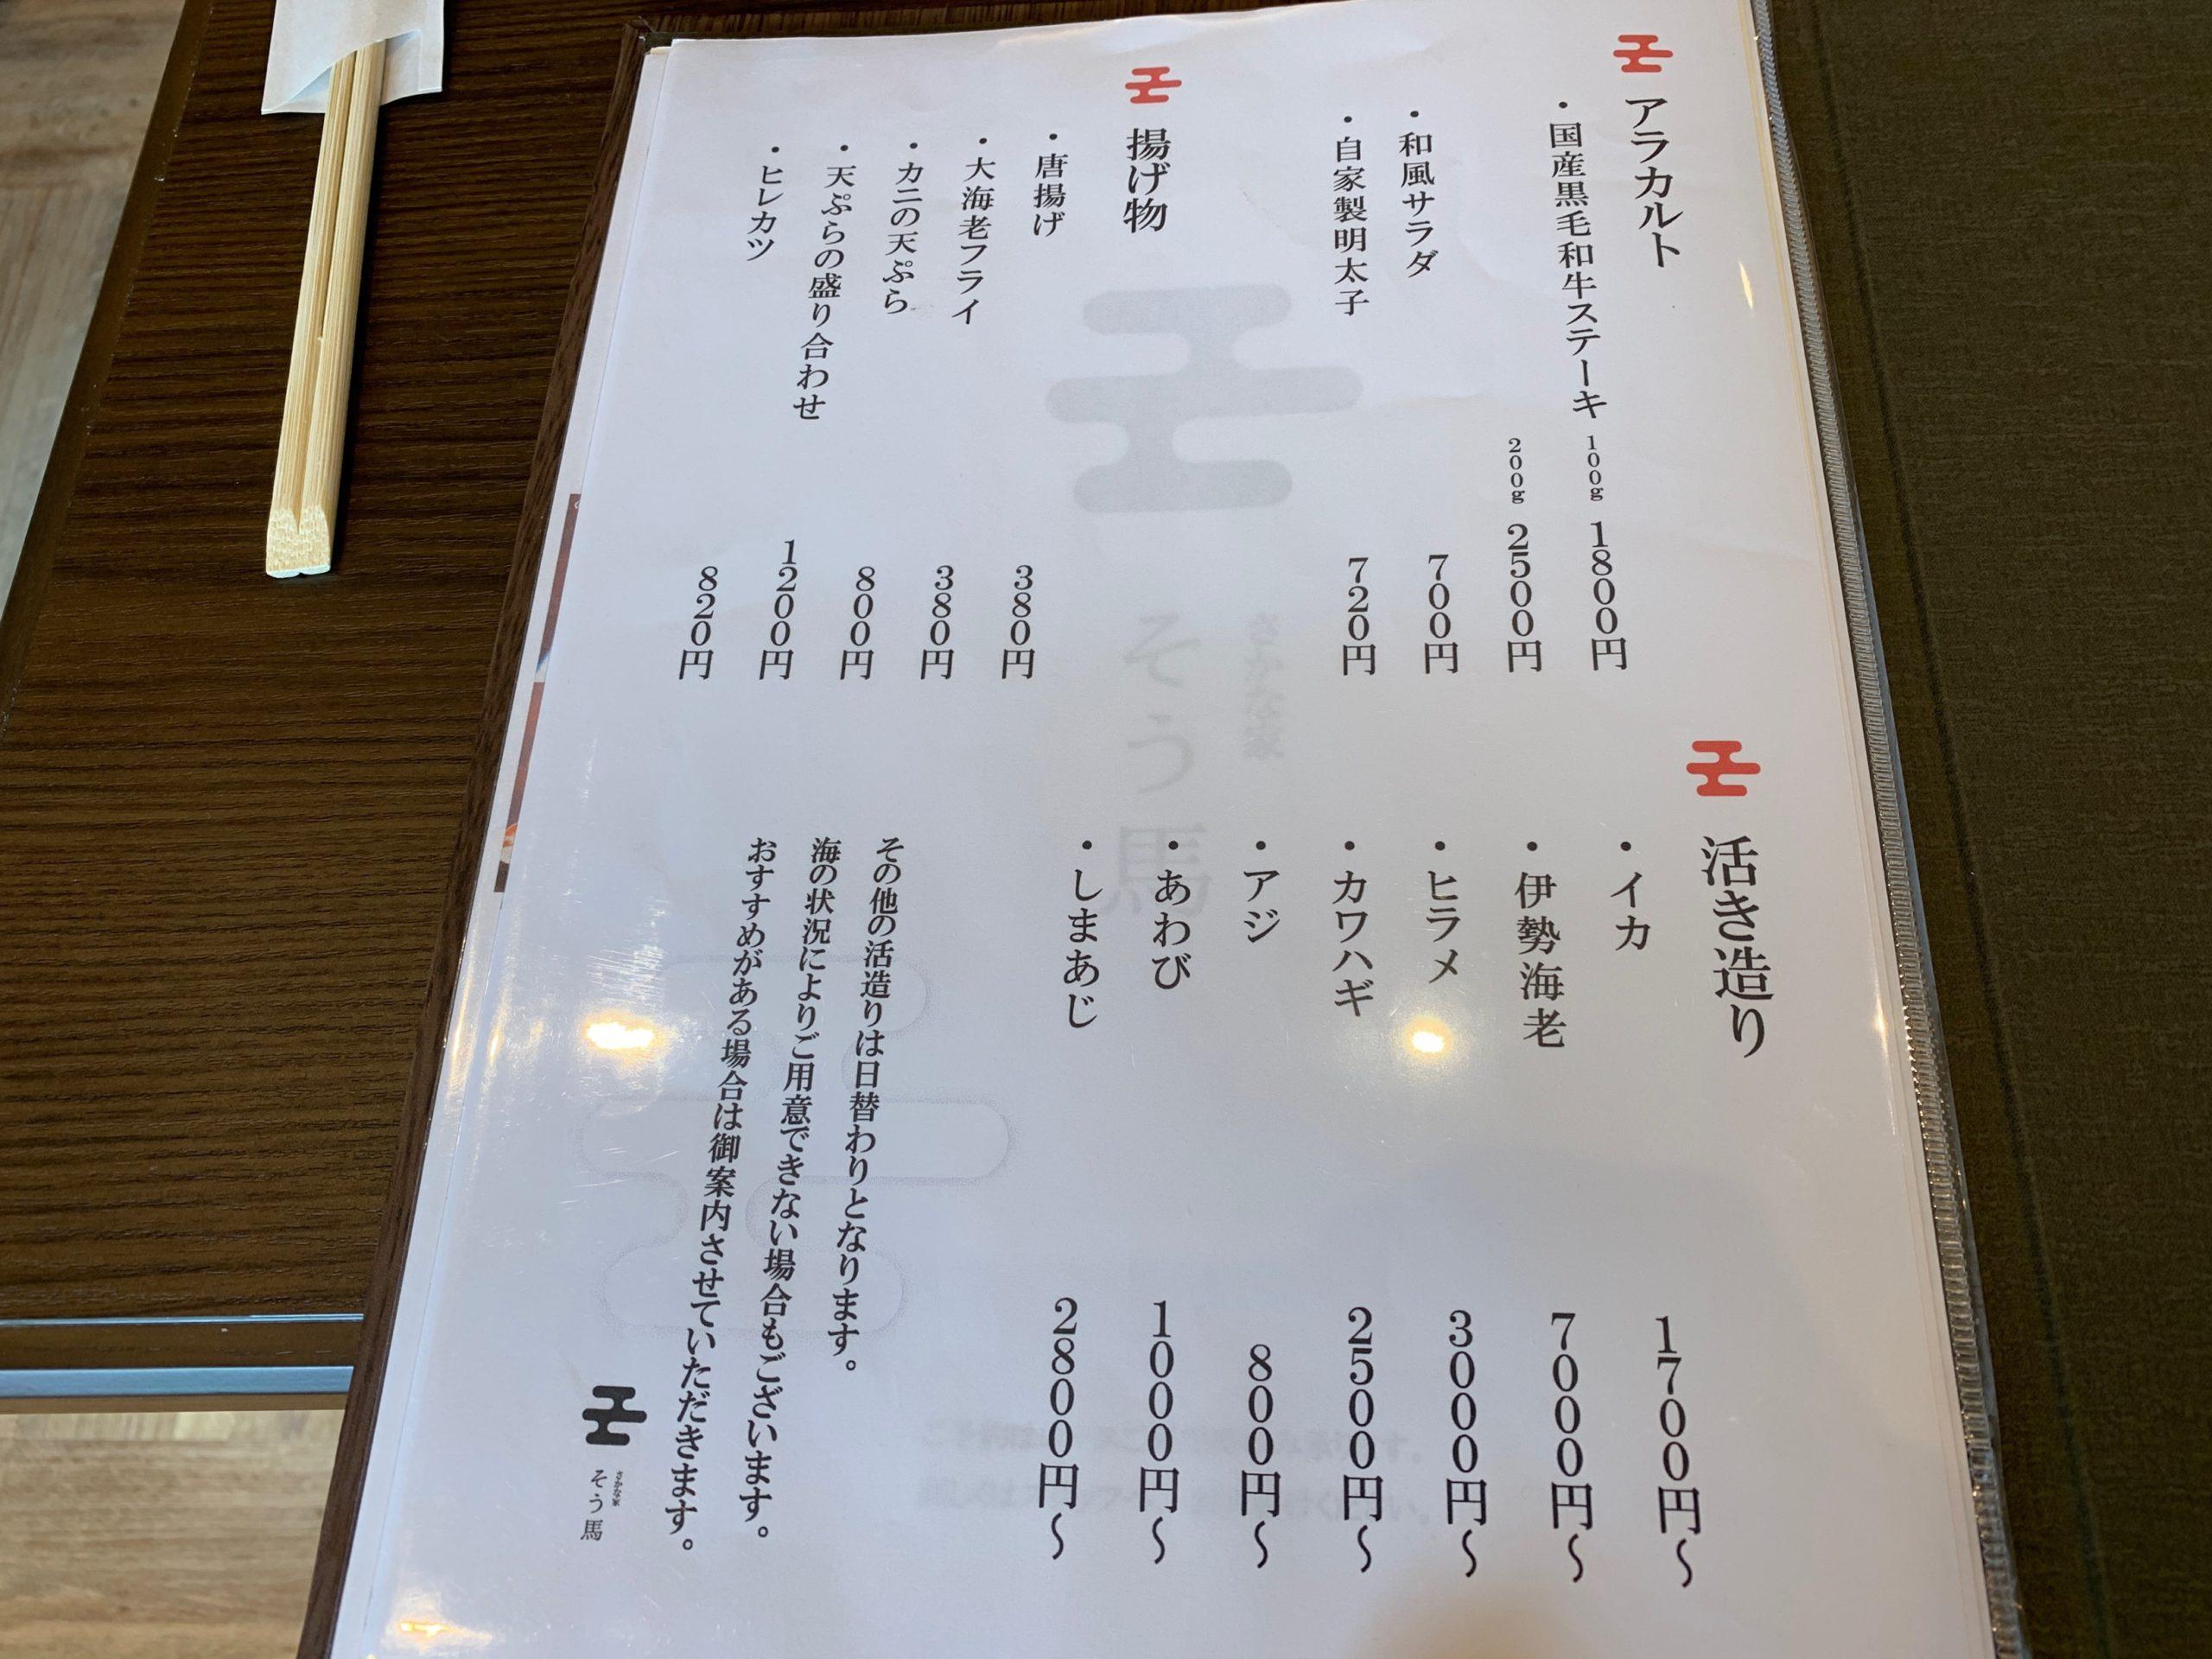 「そう馬」柳川店の一品料理